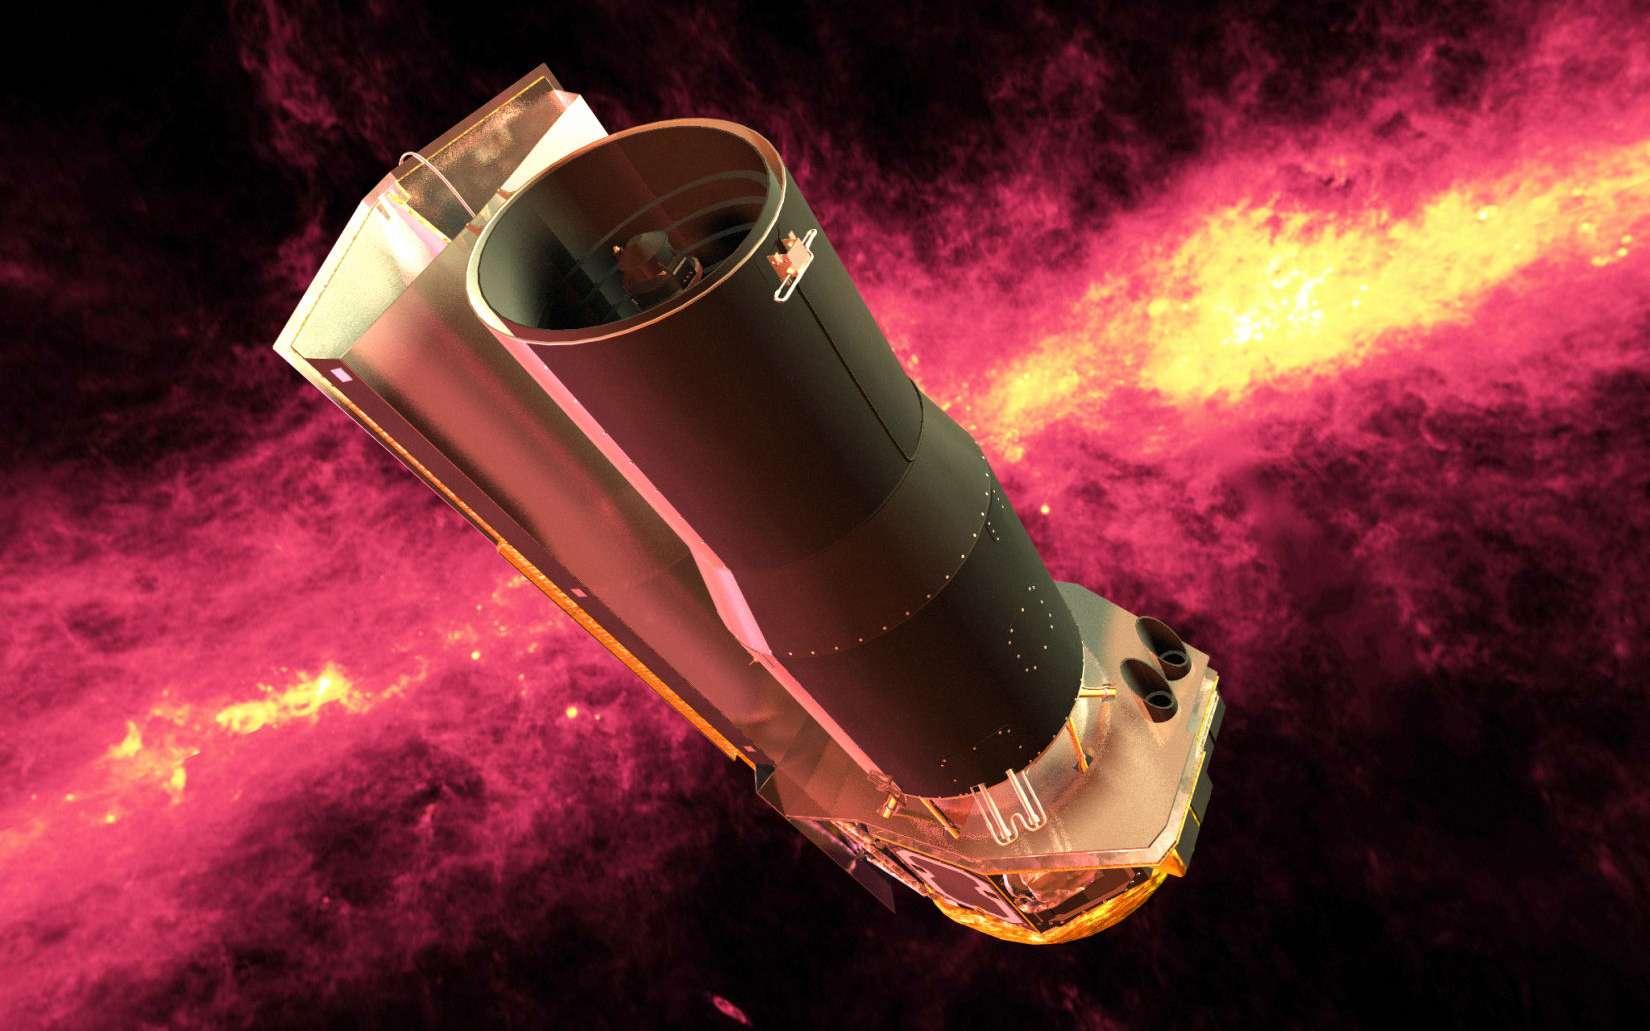 Une vue d'artiste du satellite Spitzer en plein travail. Si certains de ses instruments ne sont plus opérationnels, faute d'hélium liquide, d'autres le restent et sont encore utilisés. © Nasa